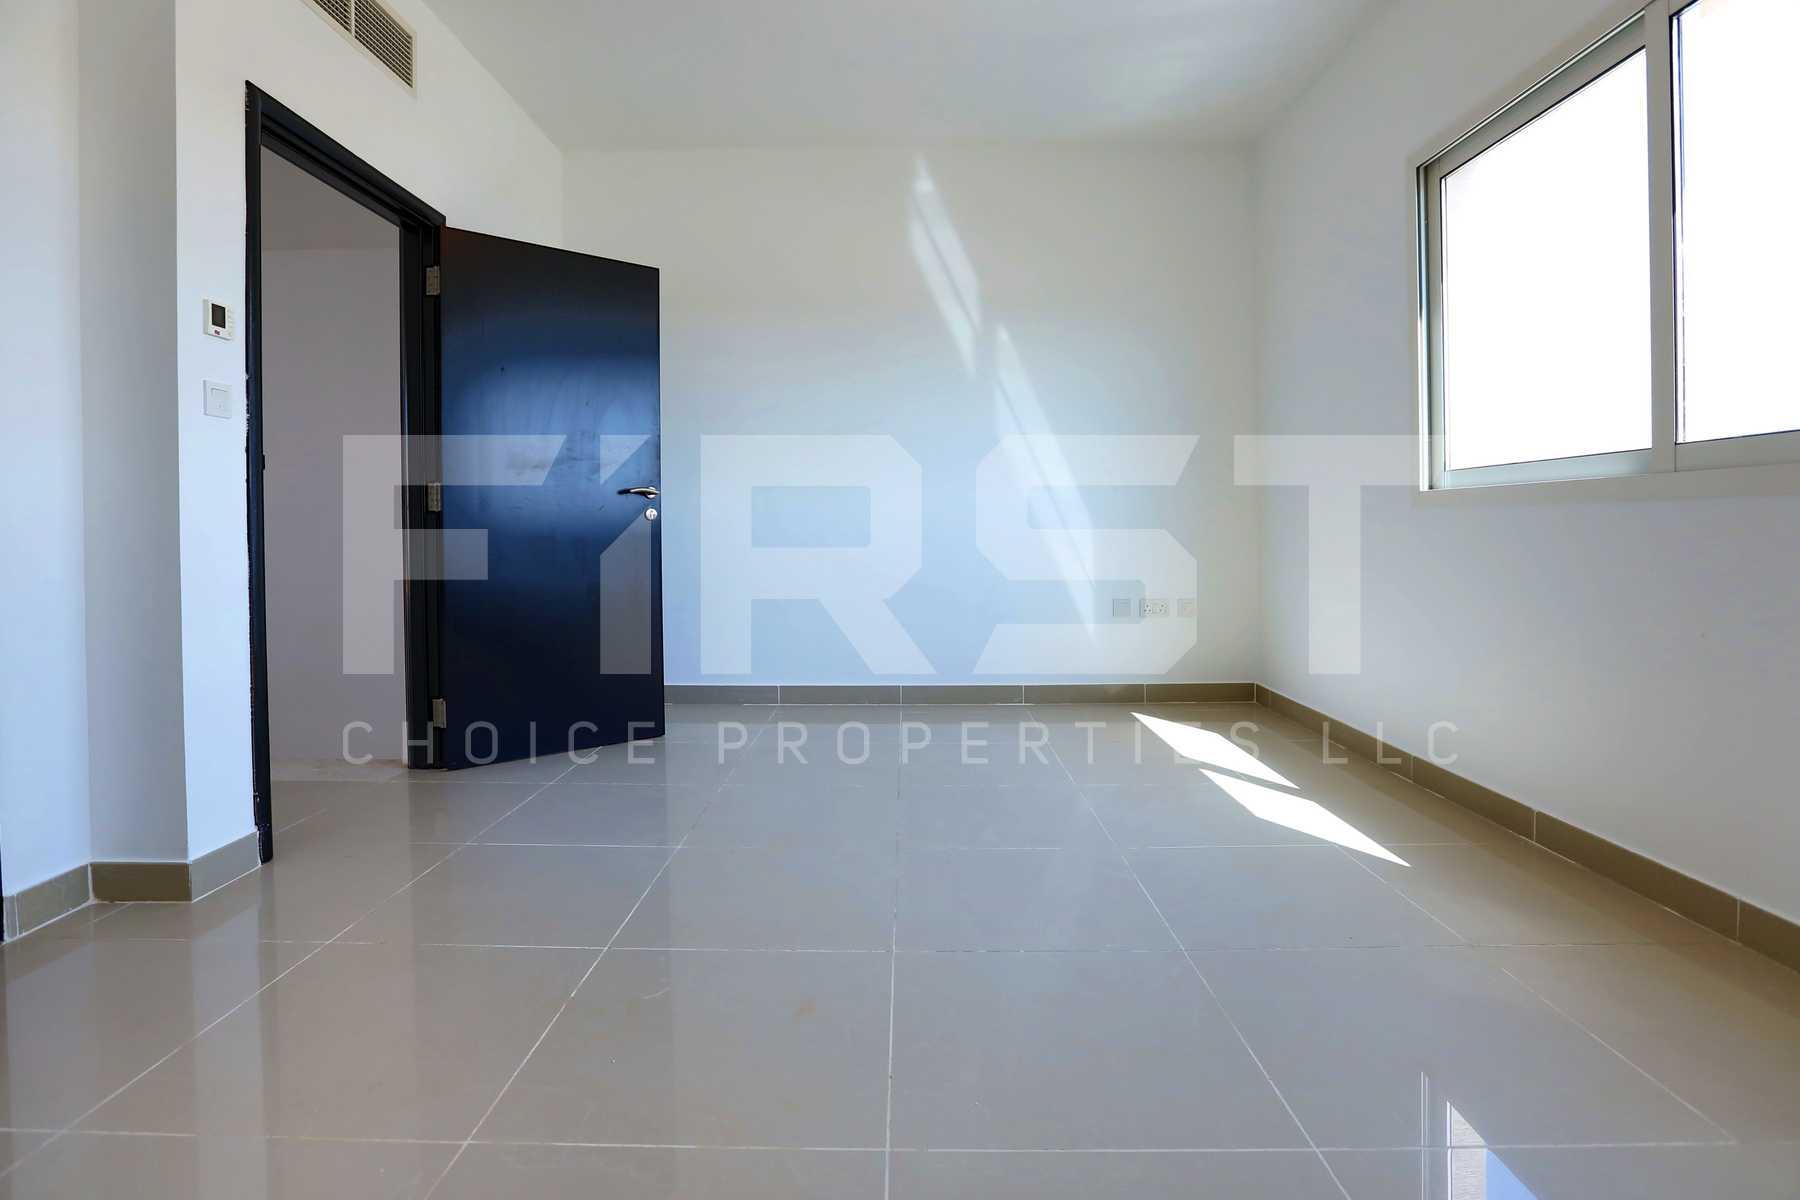 Internal Photo of 3 Bedroom Villa in Al Reef Villas Al Reef Abu Dhabi UAE 225.2 sq.m 2424 sq.ft (25).jpg